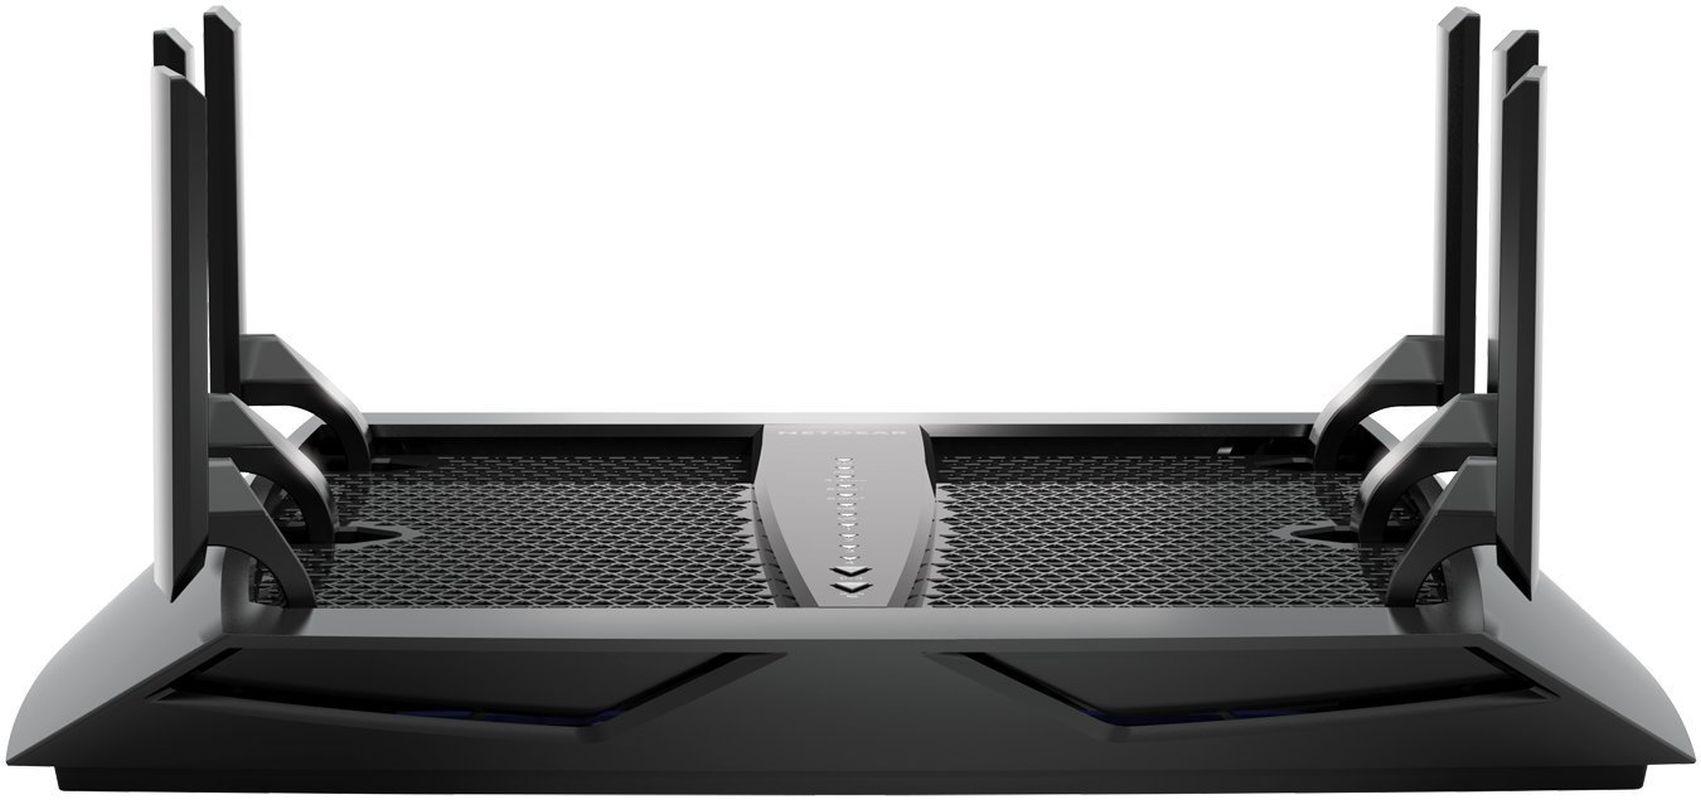 Netgear AC3200 @ Walmart in Store for $100 YMMV